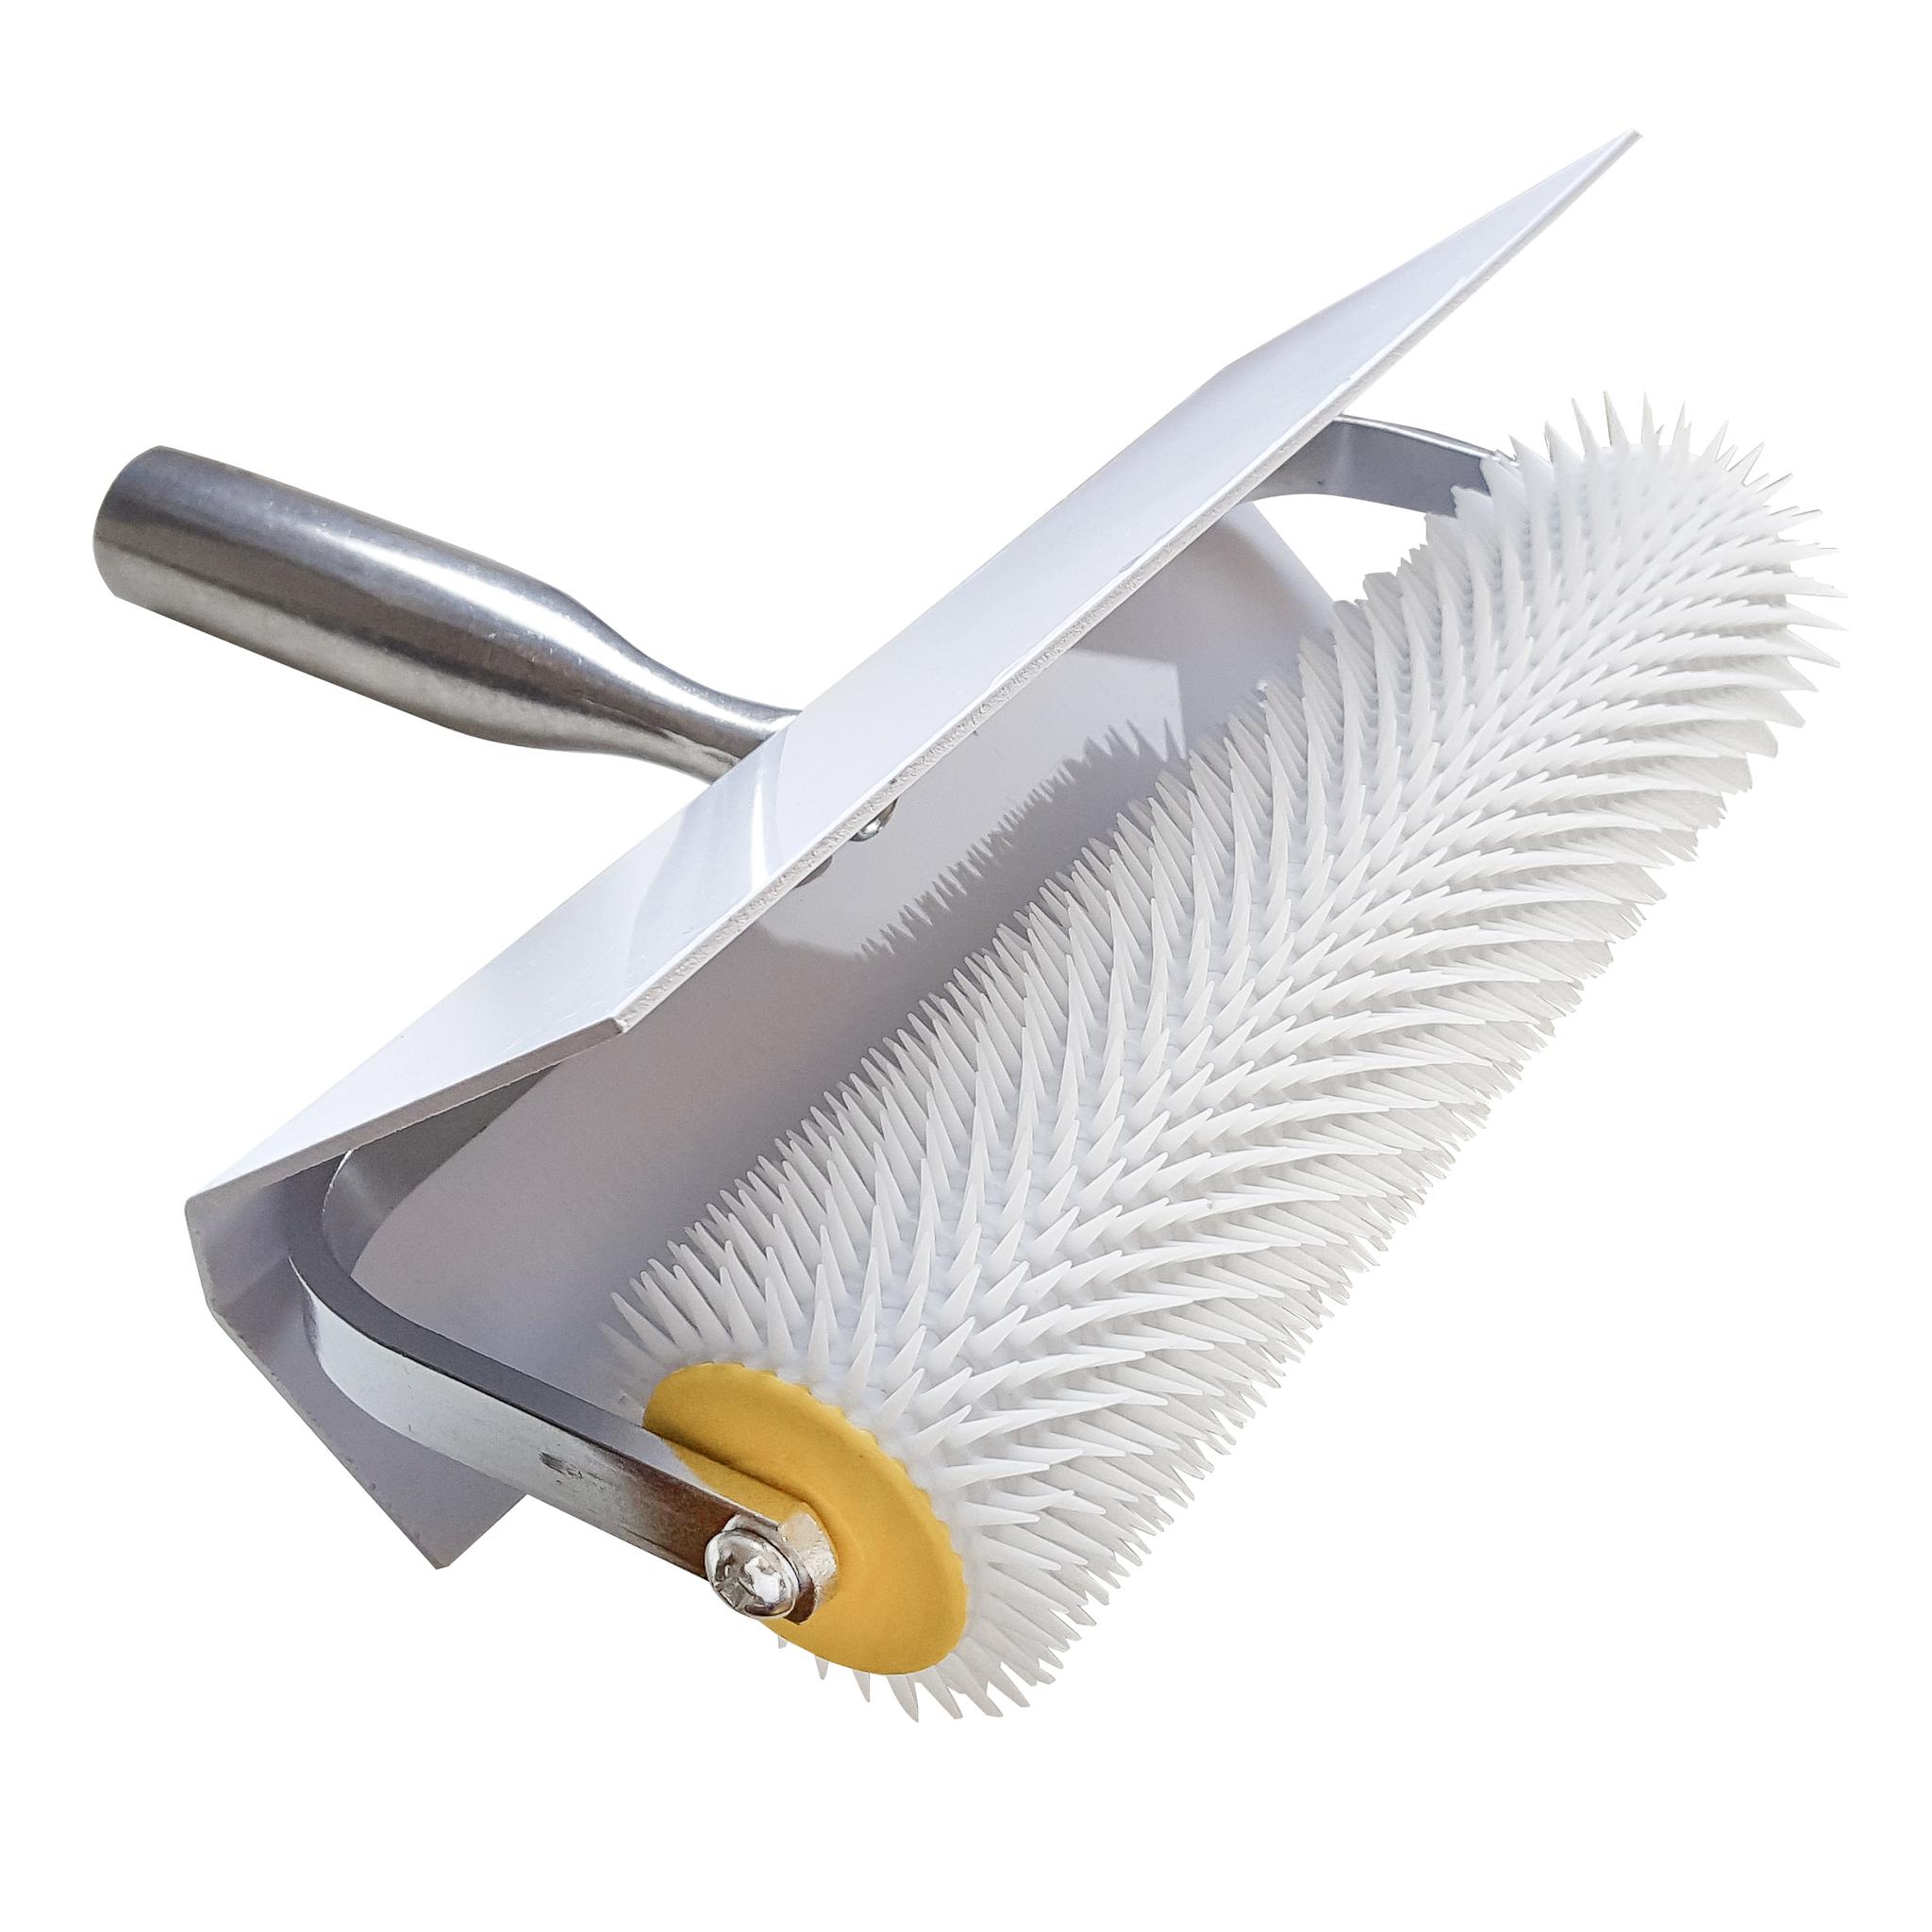 de-aerating roller 25cm